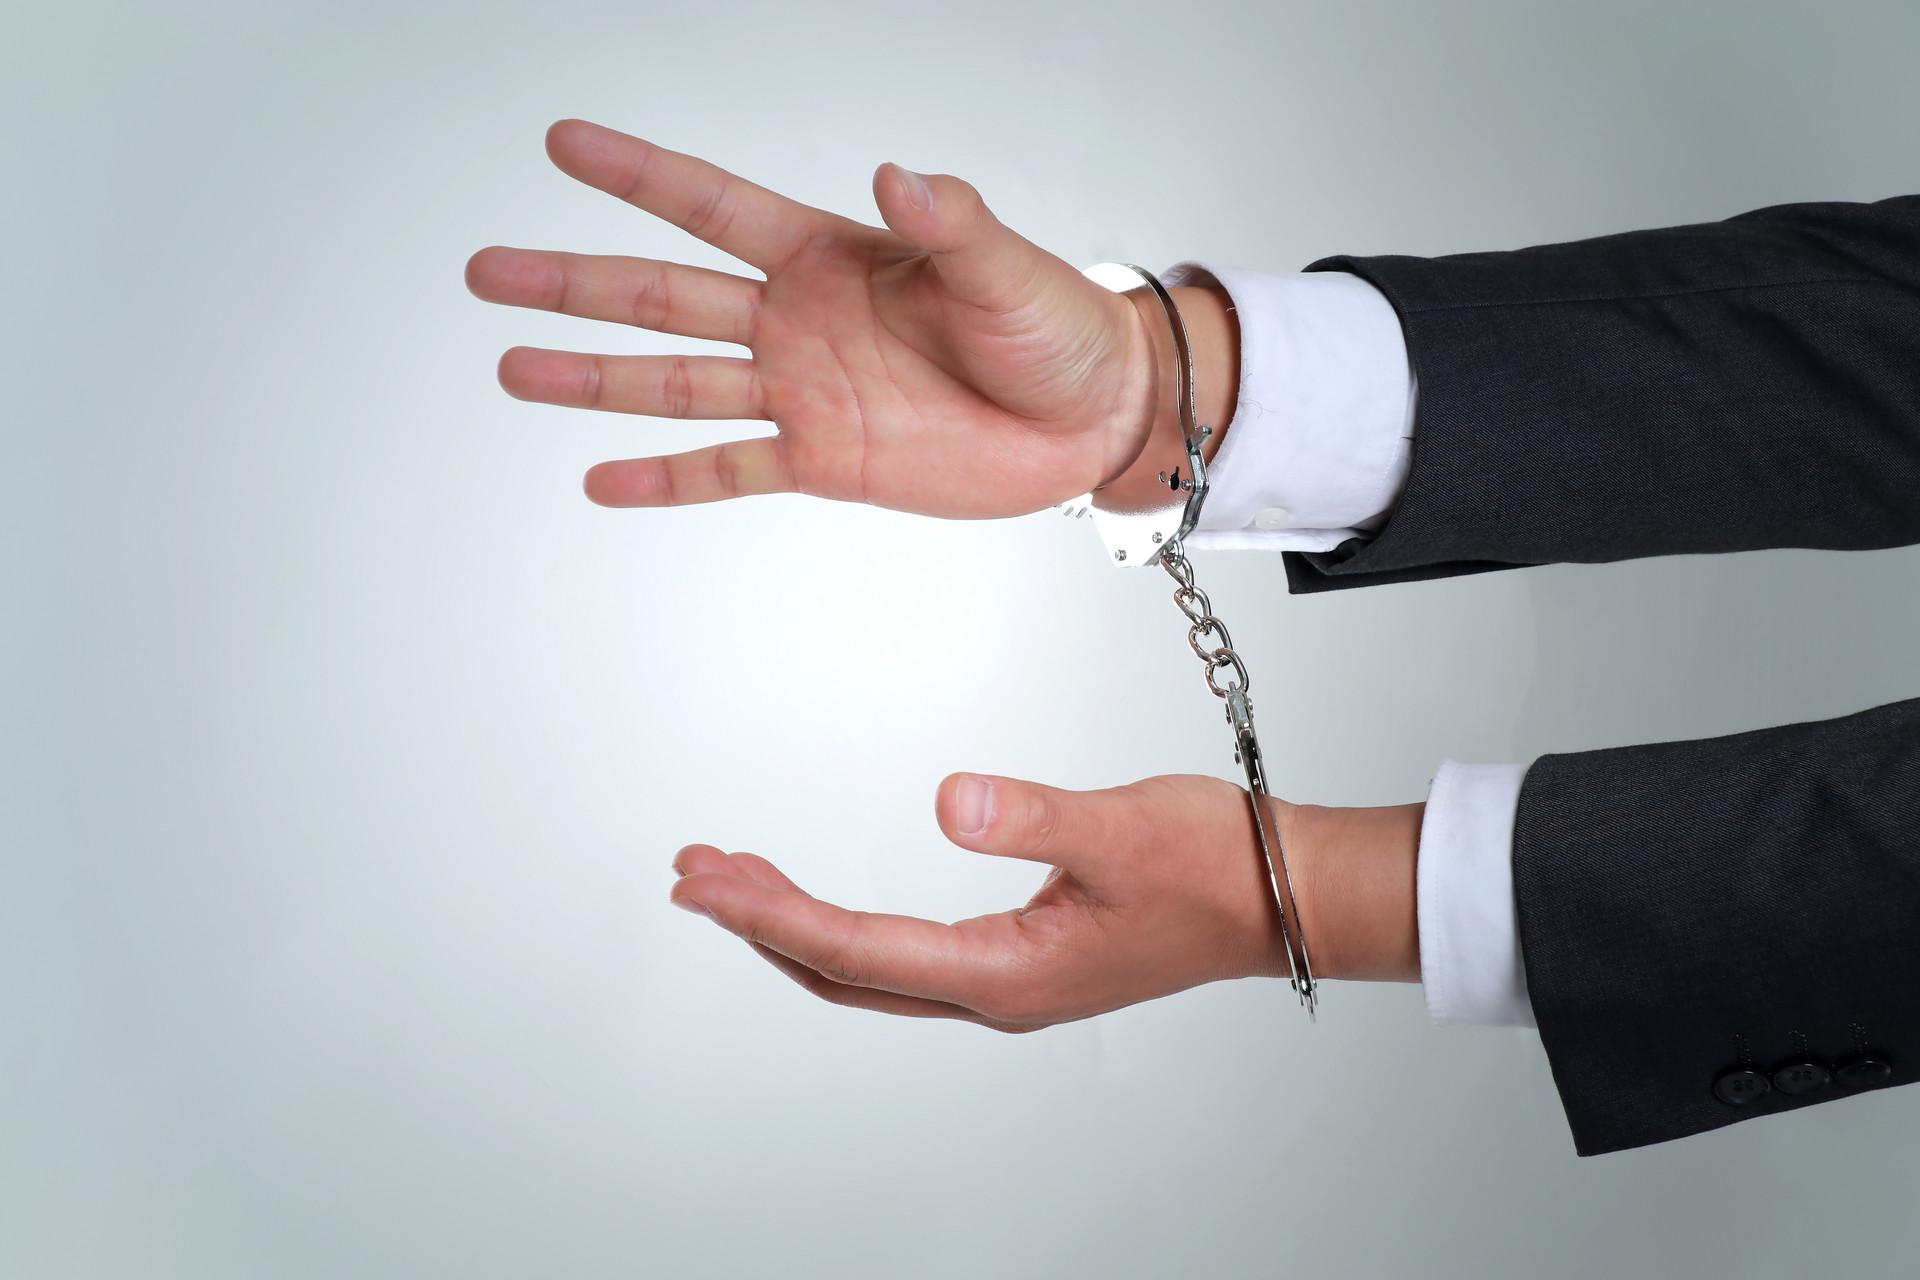 共同犯罪的共同行为怎么认定